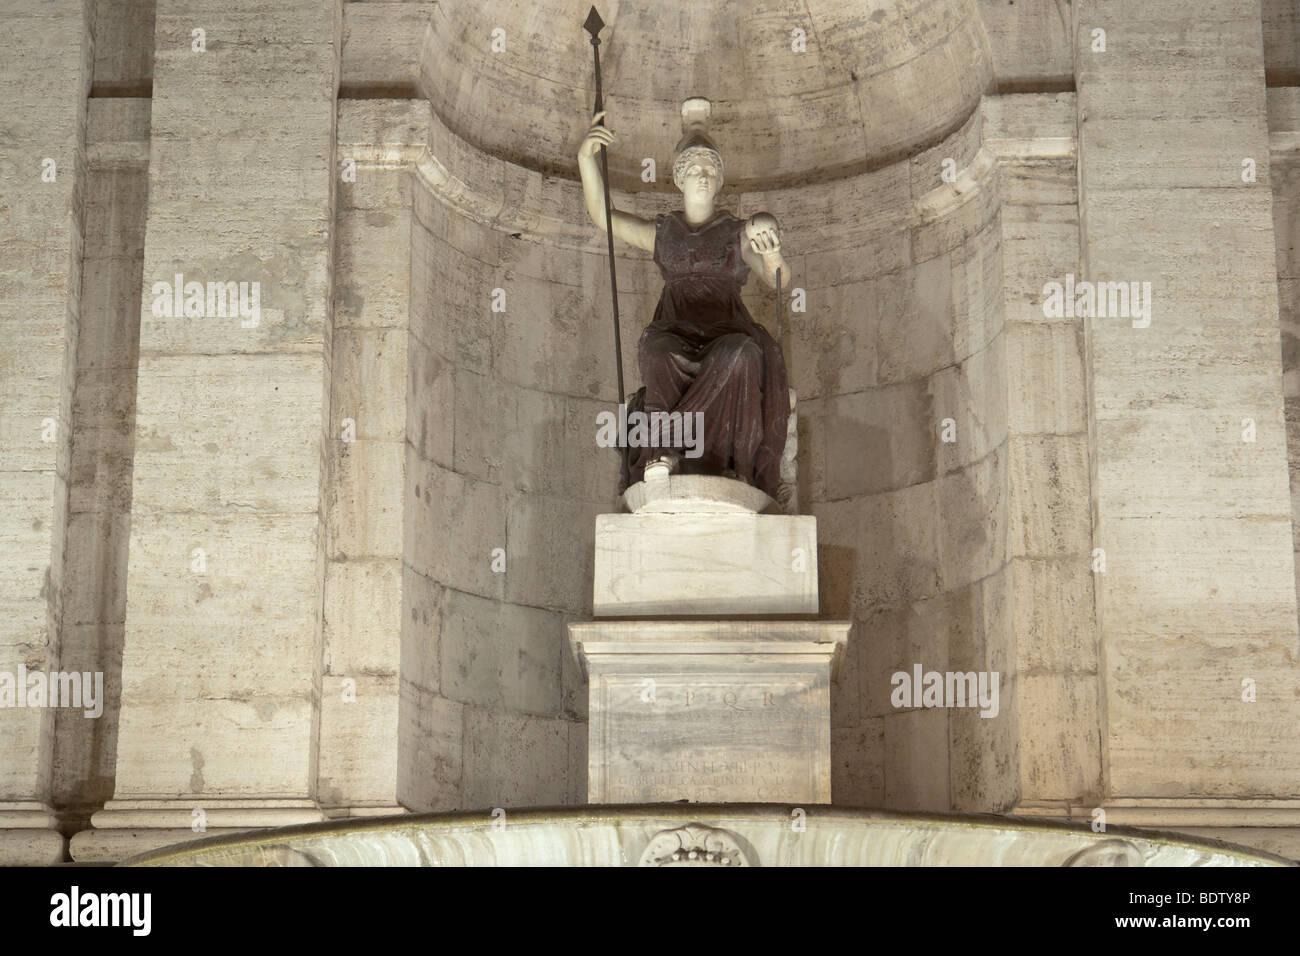 Roma. Antica statua romana in porfido e marmo che rappresenta una seduta Minerva - Dea Roma, in Piazza del Campidoglio. Immagini Stock